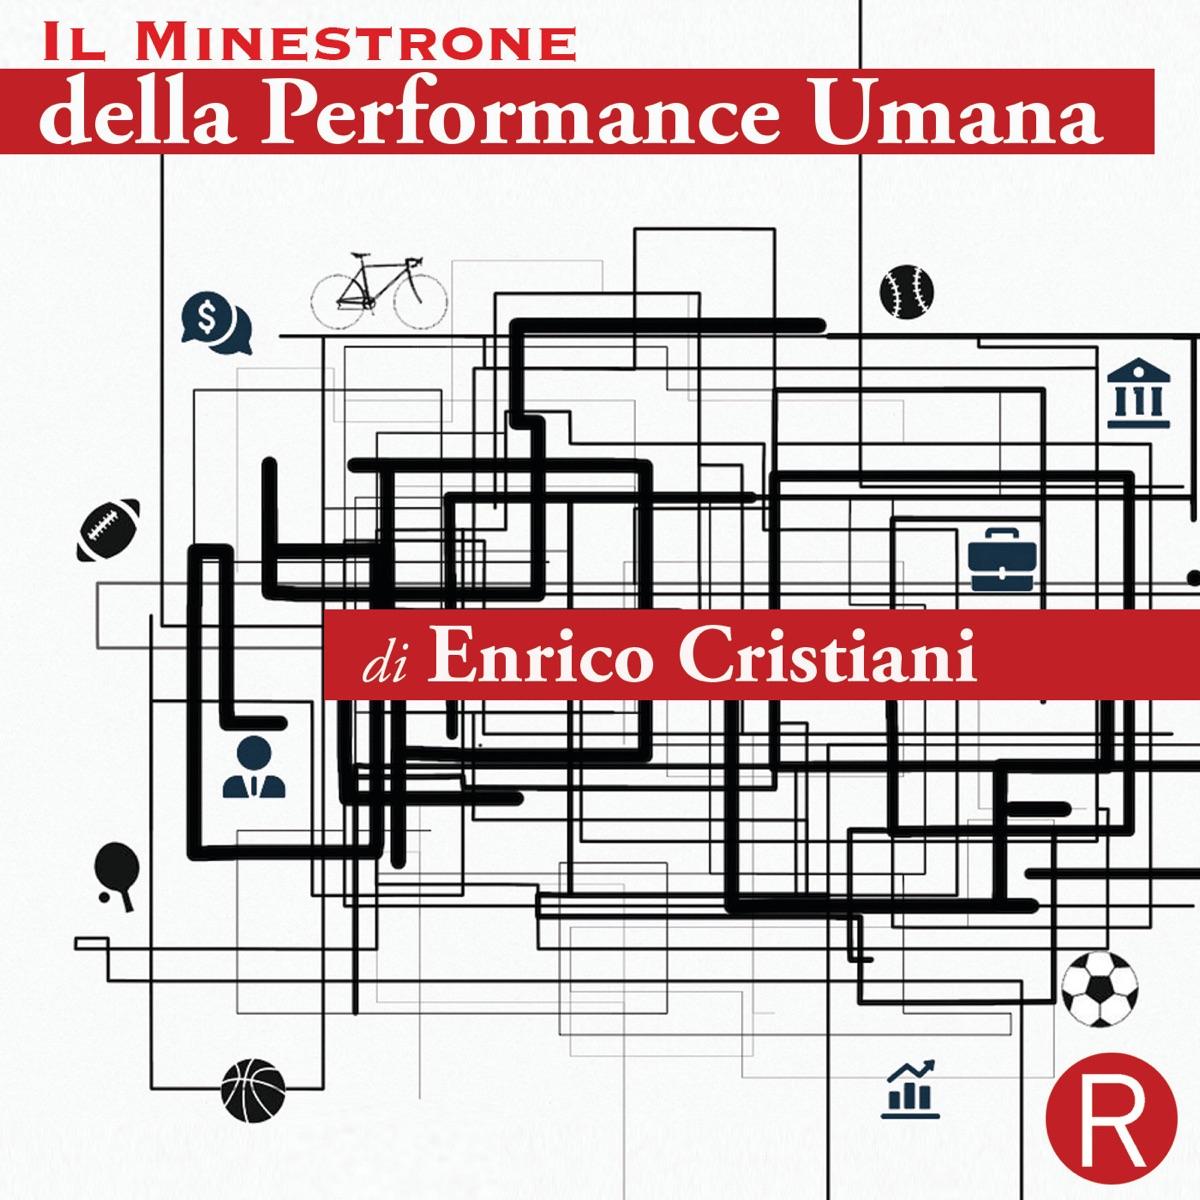 Il Minestrone della Performance Umana